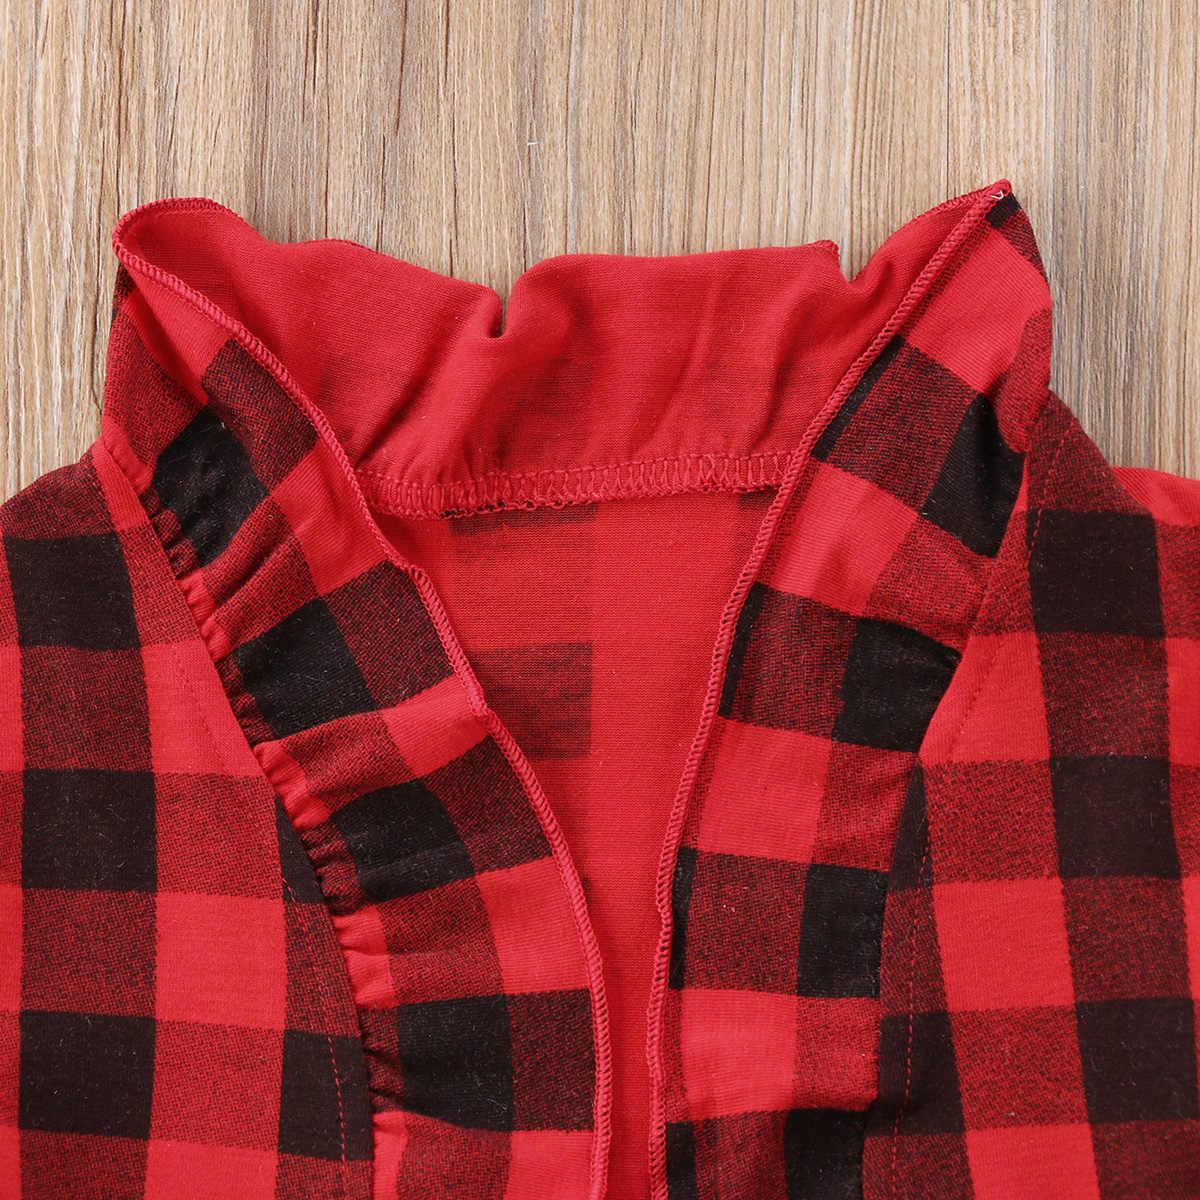 Neonate Bambini Controllato Volant Tuta Sportiva del Cappotto Del Bambino Bambini Giacche Top Babys di Modo Rosso Piaid Vestiti Del Bambino Che Coprono Gli Insiemi